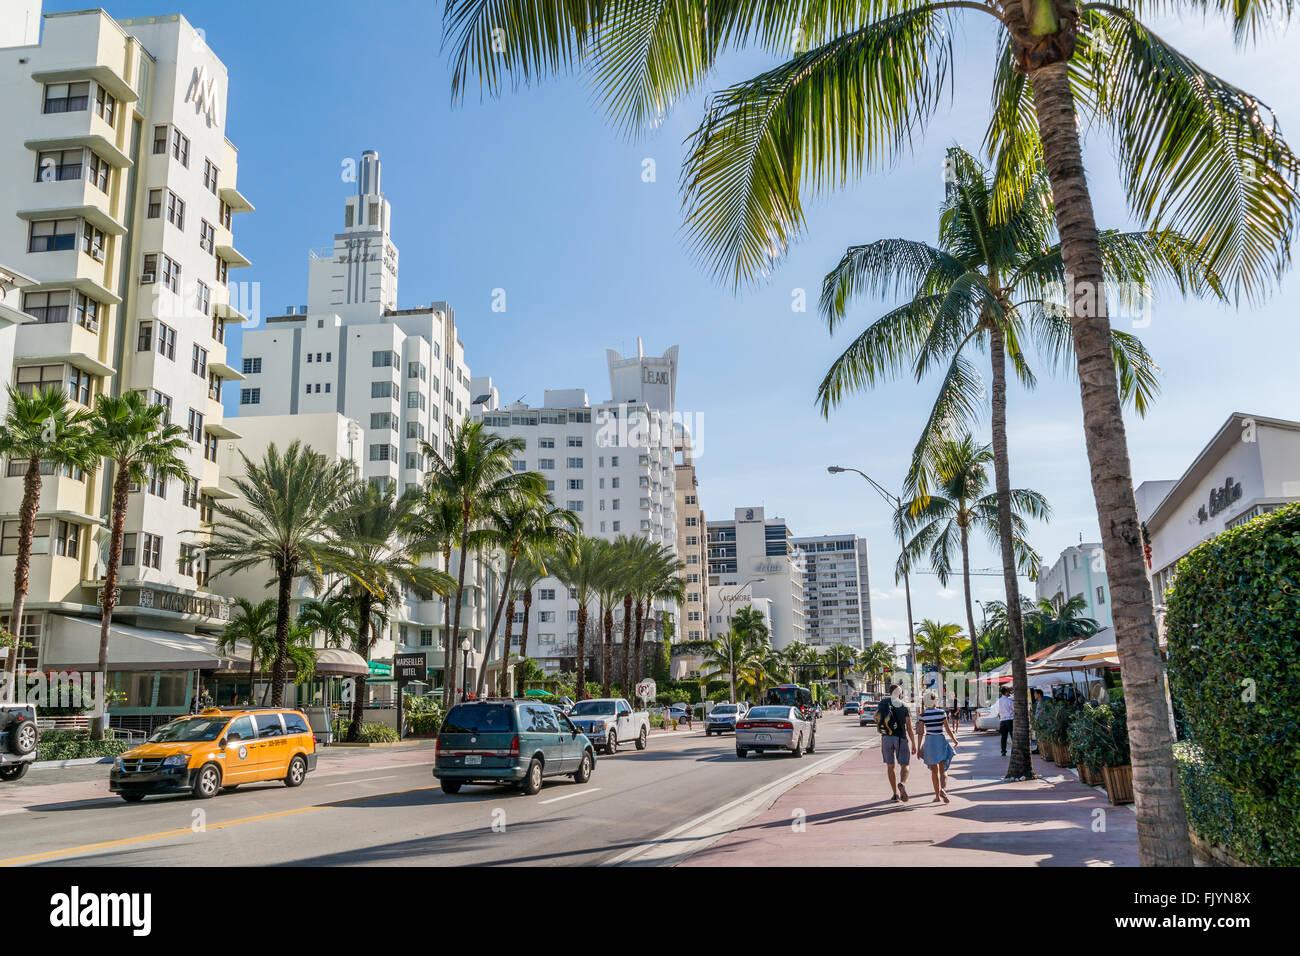 Traffico di persone e di veicoli su Collins Avenue a South Beach di Miami Beach, Florida, Stati Uniti d'America Immagini Stock